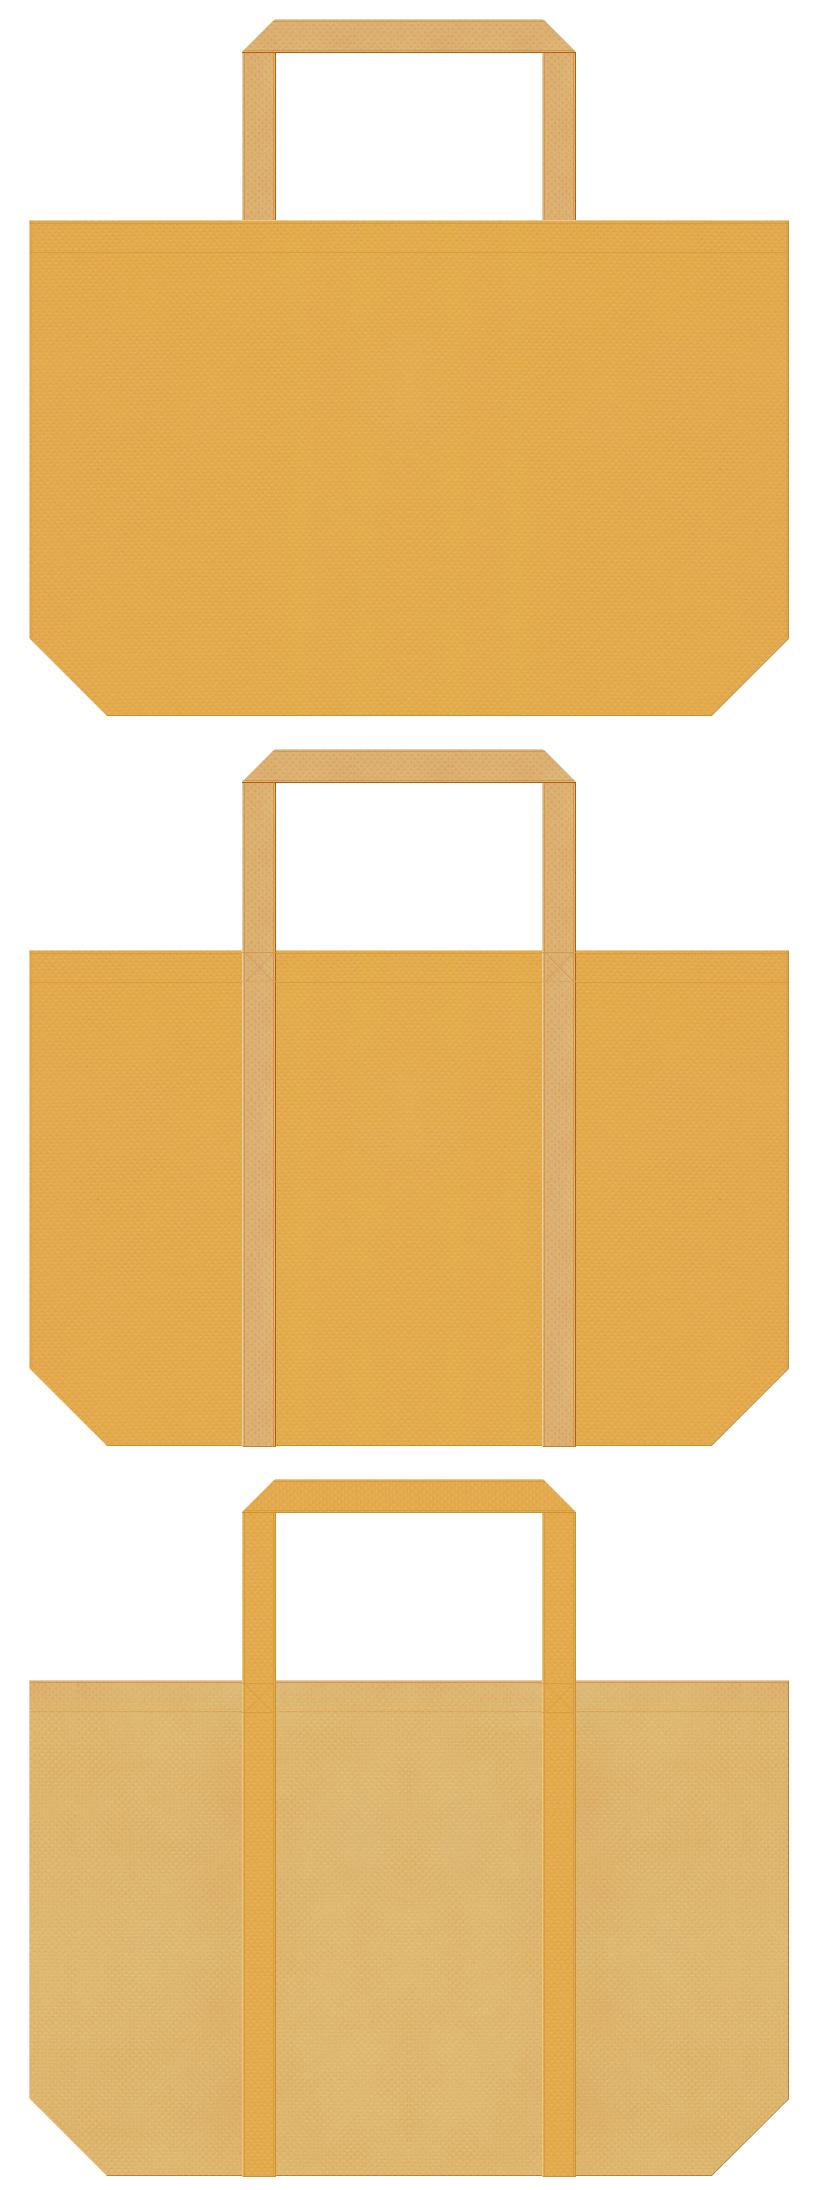 檜・から揚げ・クッキー・お料理教室・菓子パン・ベーカリー・木工・工作教室・DIYのショッピングバッグにお奨めの不織布バッグデザイン:黄土色と薄黄土色のコーデ